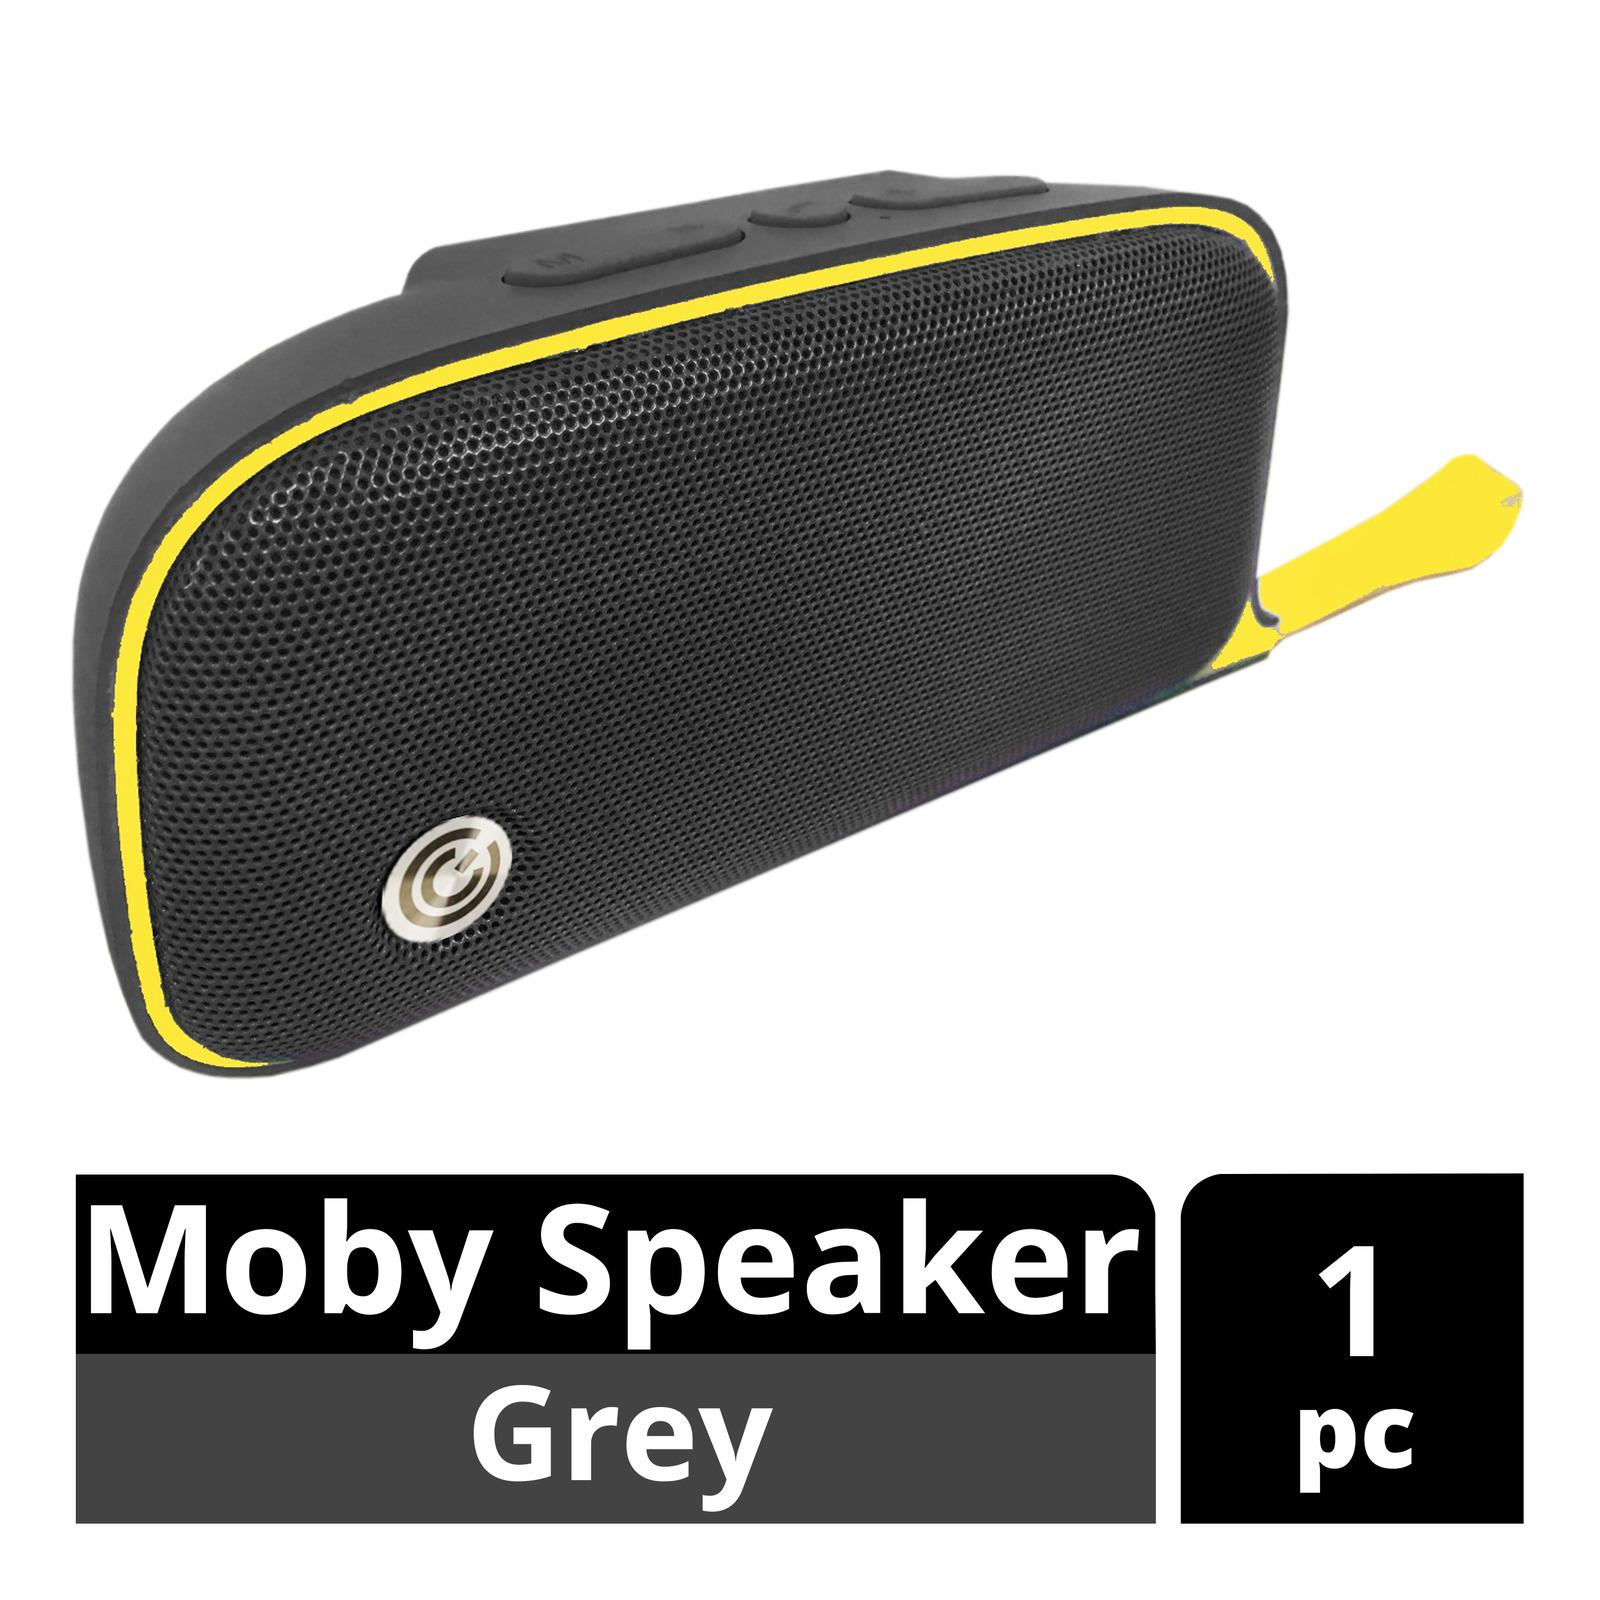 Sonic Gear P5000 Moby Speaker - Grey